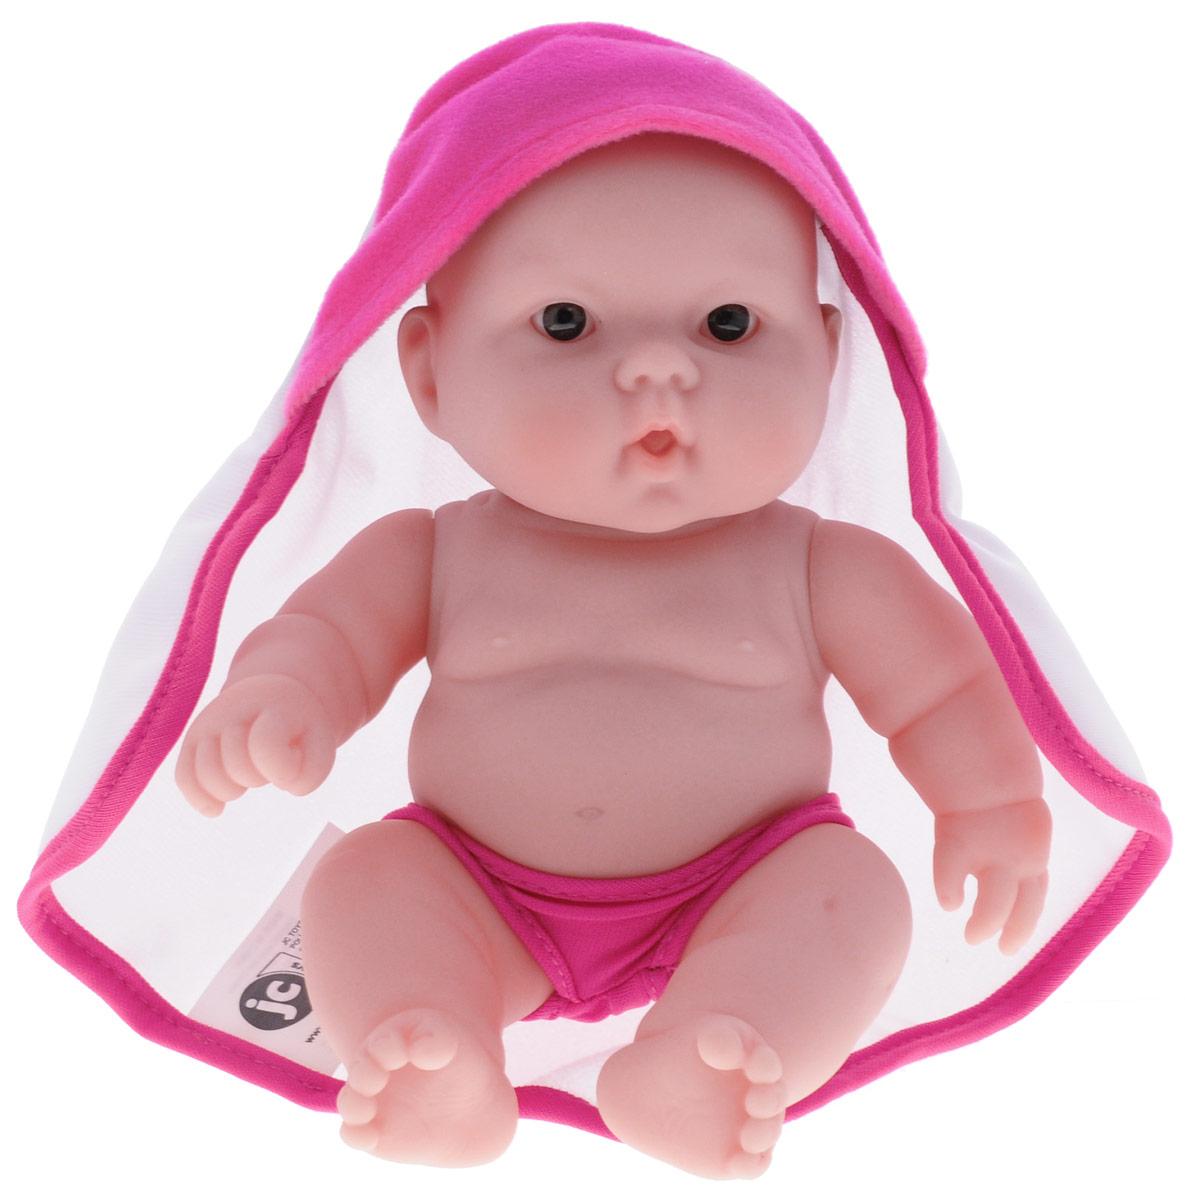 JC Toys Пупс цвет одежды малиновый белый16822_белый,малиновый/вид 2Пупс JC Toys непременно приведет в восторг вашу дочурку. Он выполнен из высококачественных и безопасных материалов. Симпатичный пупс одет в малиновые трусики и накидку с капюшоном. Руки, ноги и голова куклы подвижны, что позволяет придавать ей разнообразные позы. Игры с куклой способствуют эмоциональному развитию, помогают формировать воображение и художественный вкус, а также разовьют в вашей малышке чувство ответственности и заботы. Великолепное качество исполнения делают эту игрушку чудесным подарком к любому празднику.